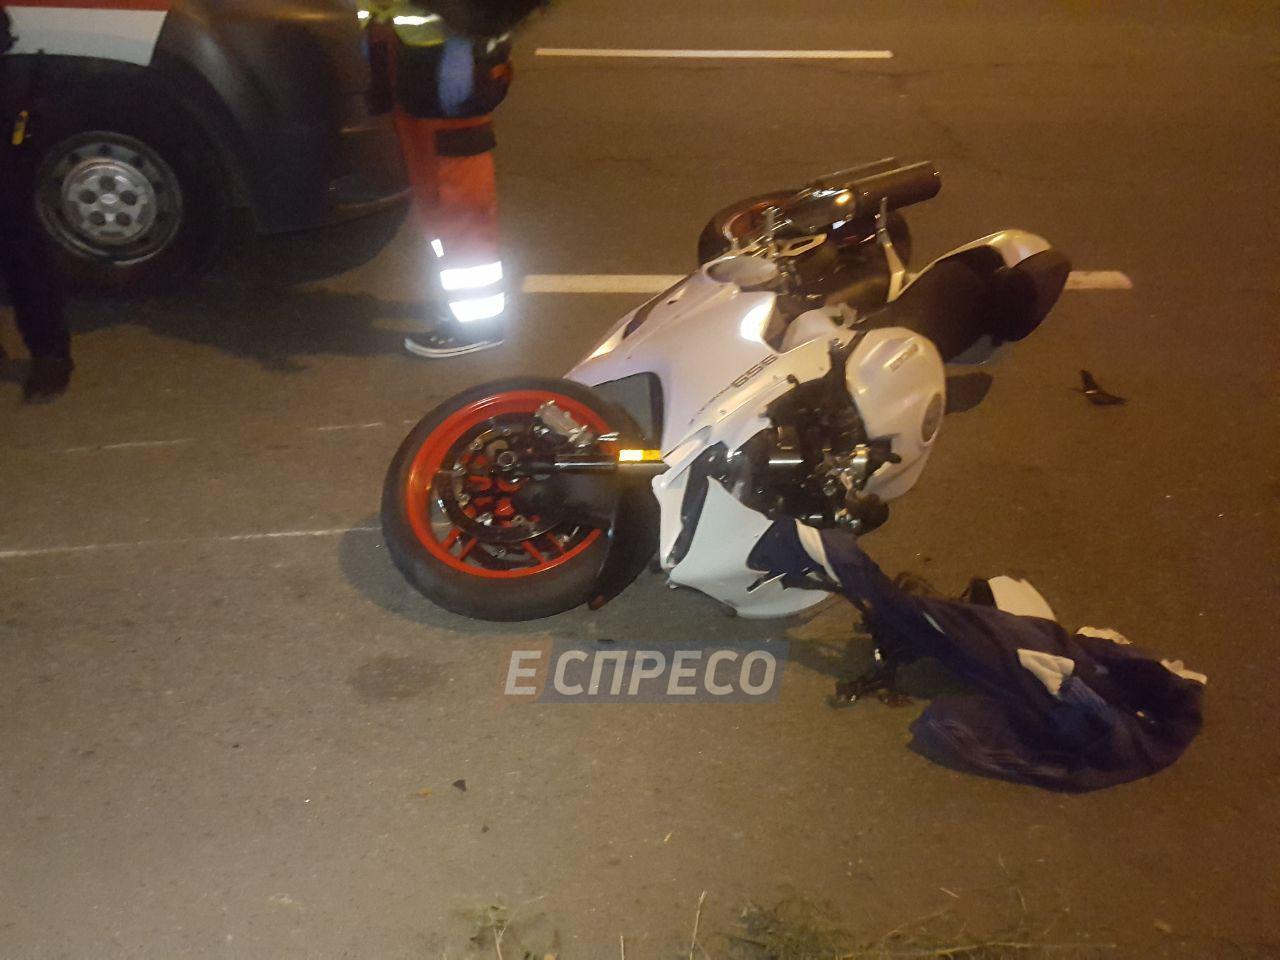 Мотоциклист сбил насмерть женщину, сам получил травмы, но скрылся